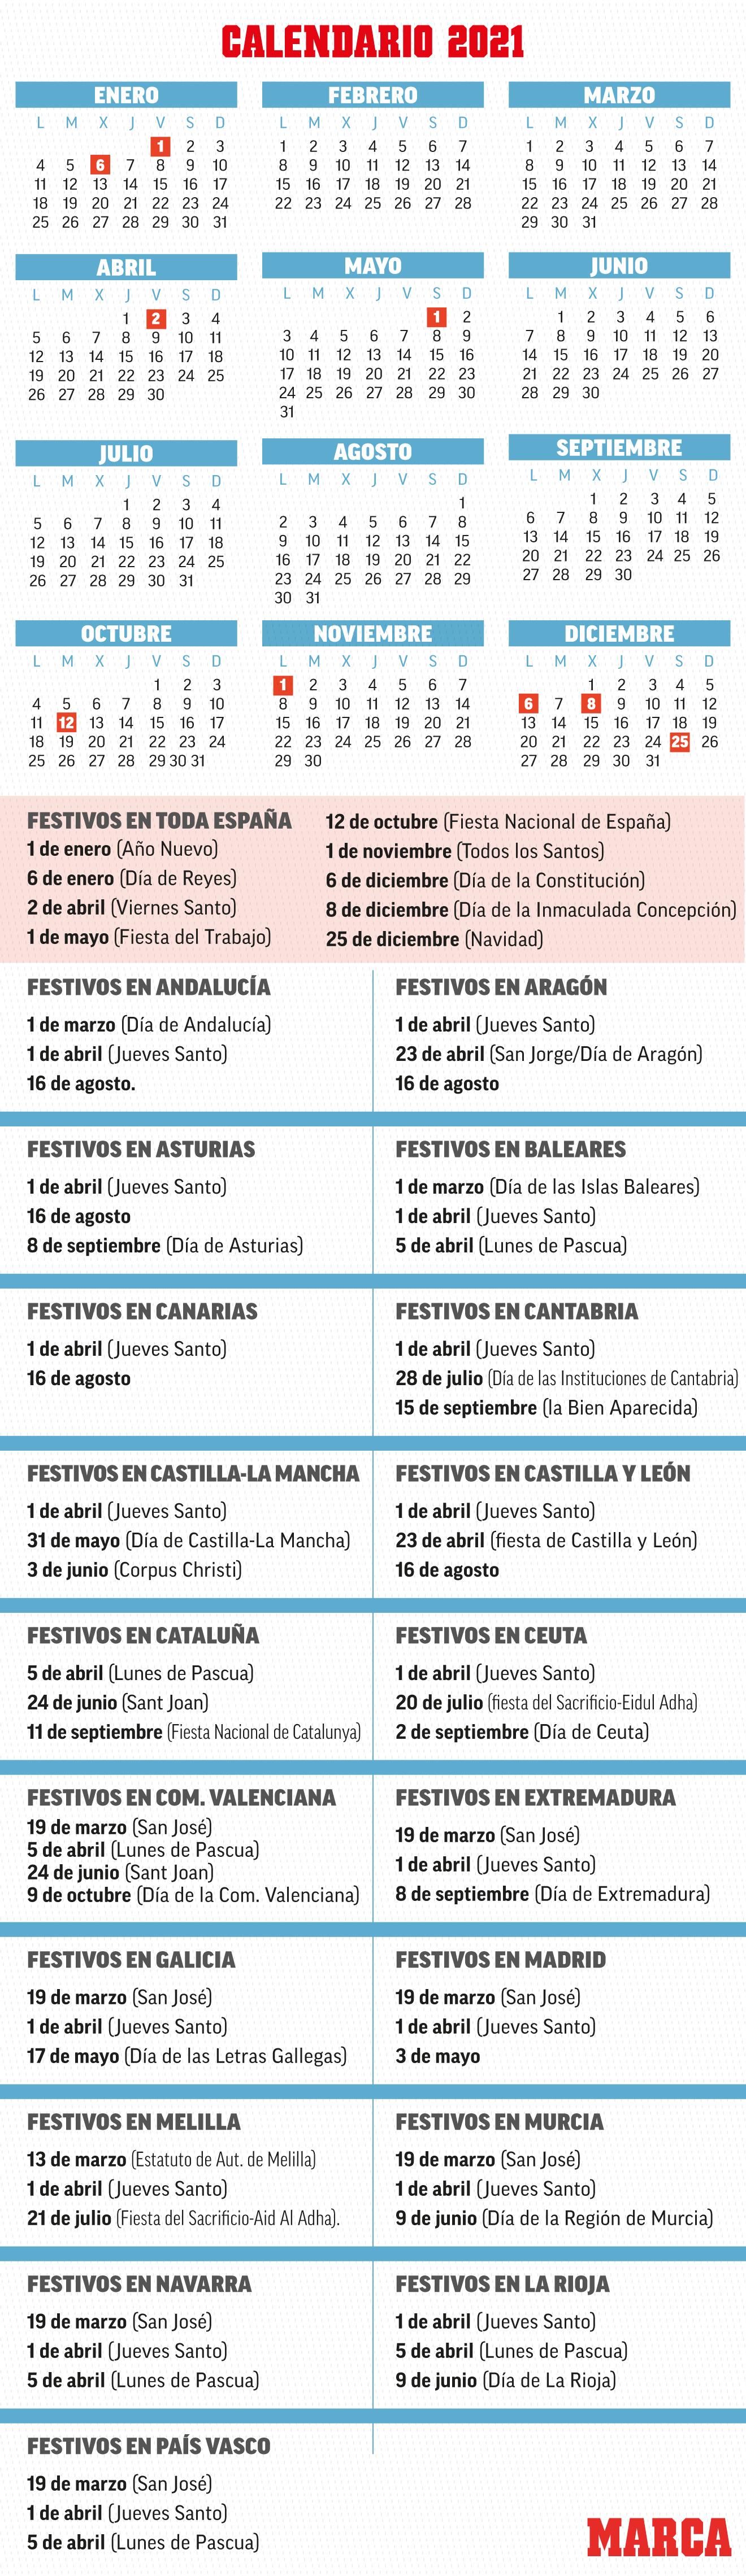 Calendario laboral 2021 en España y en cada Comunidad Autónoma: Días festivos y puentes